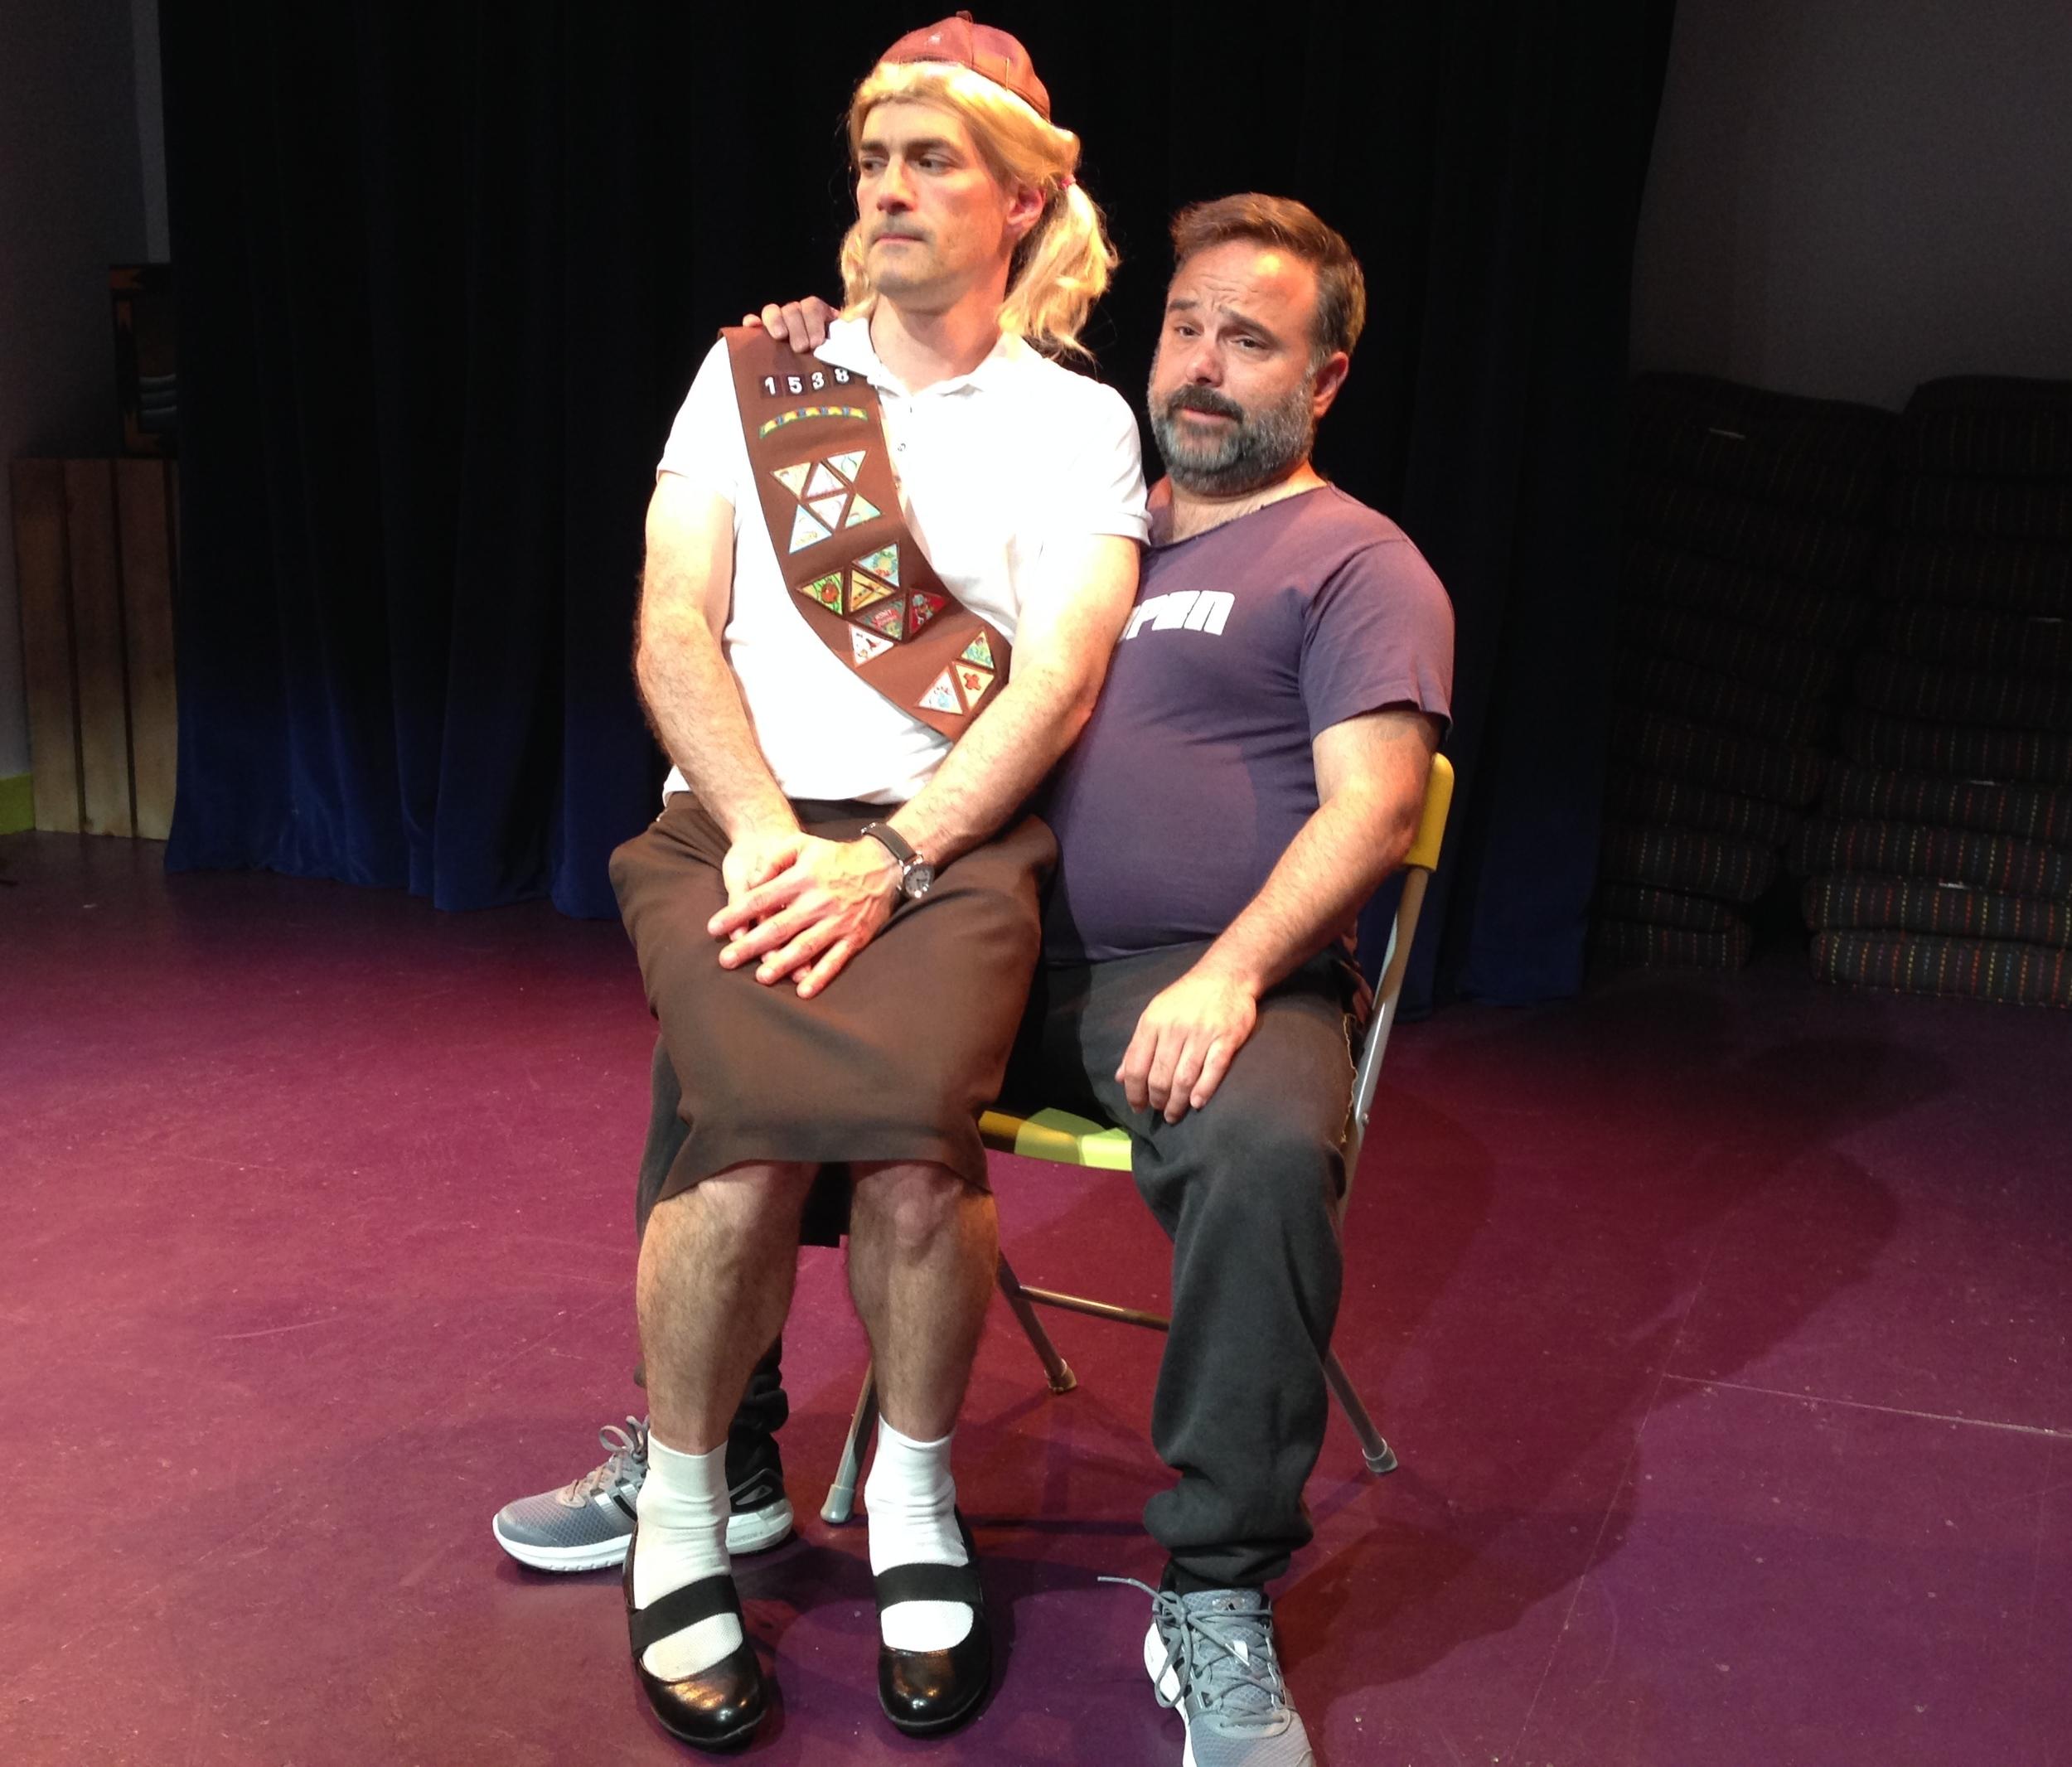 Mark Rubin as Jenny1538 and Brent Askari as Dominic Franconia in the PortFringe production of JENNY1538 in Portland, ME, June 2014.